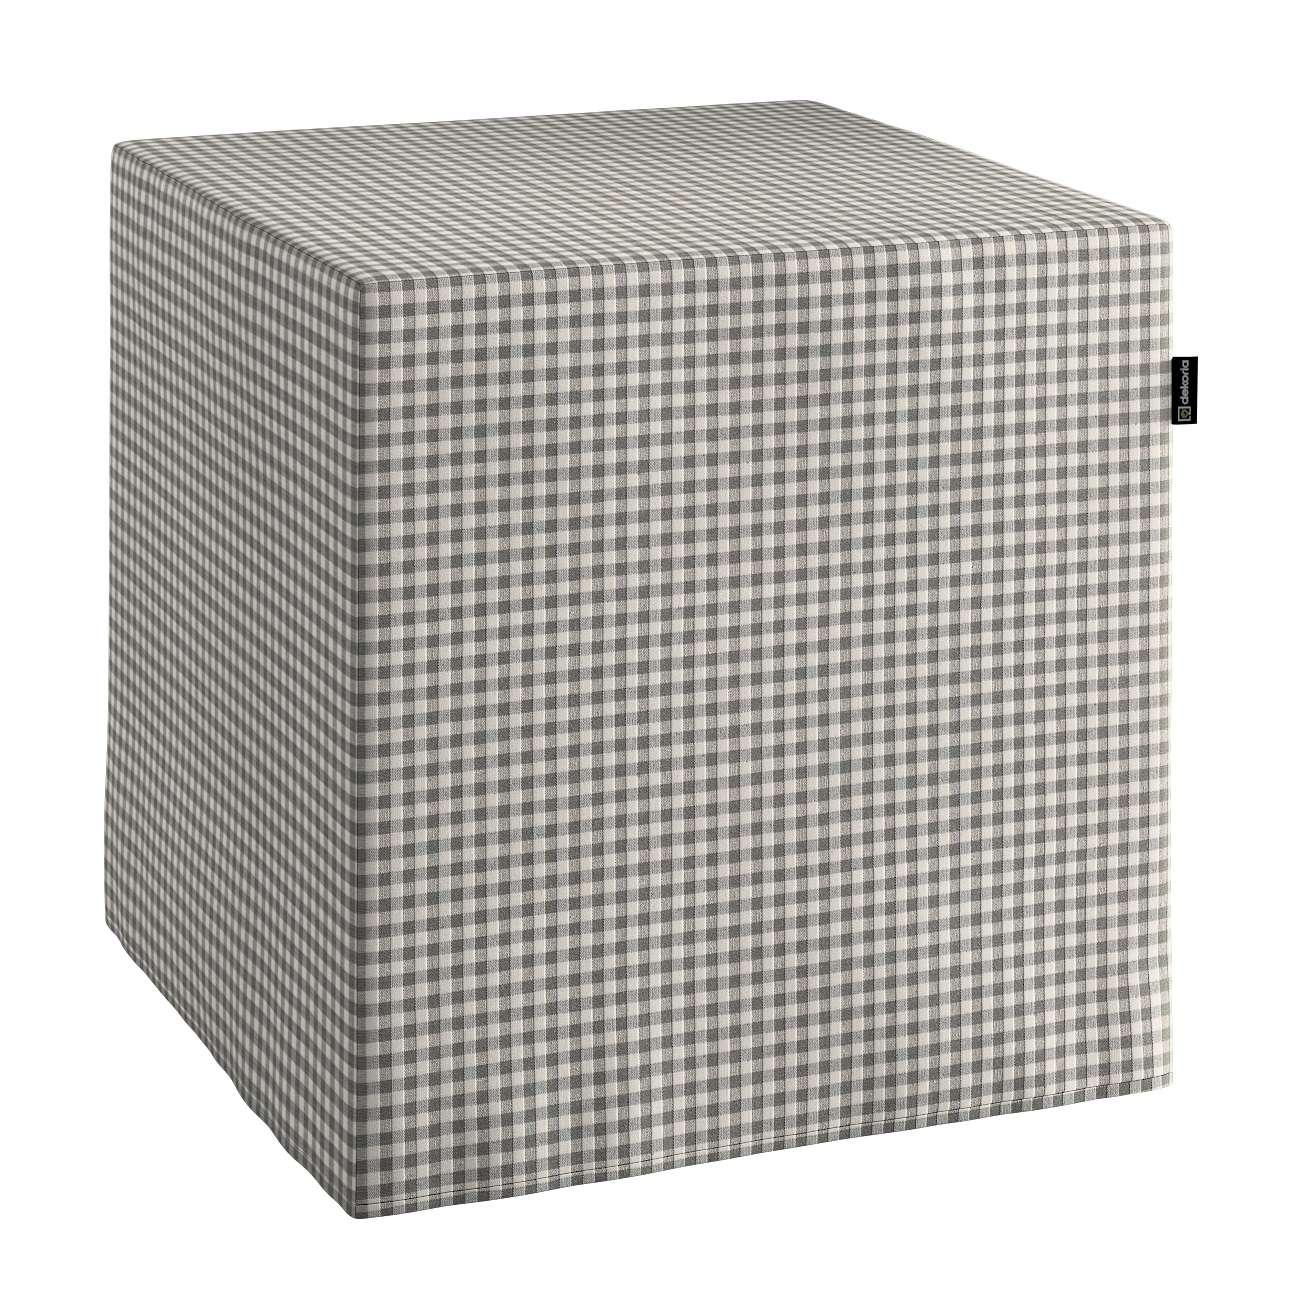 Taburetka tvrdá, kocka V kolekcii Quadro, tkanina: 136-10